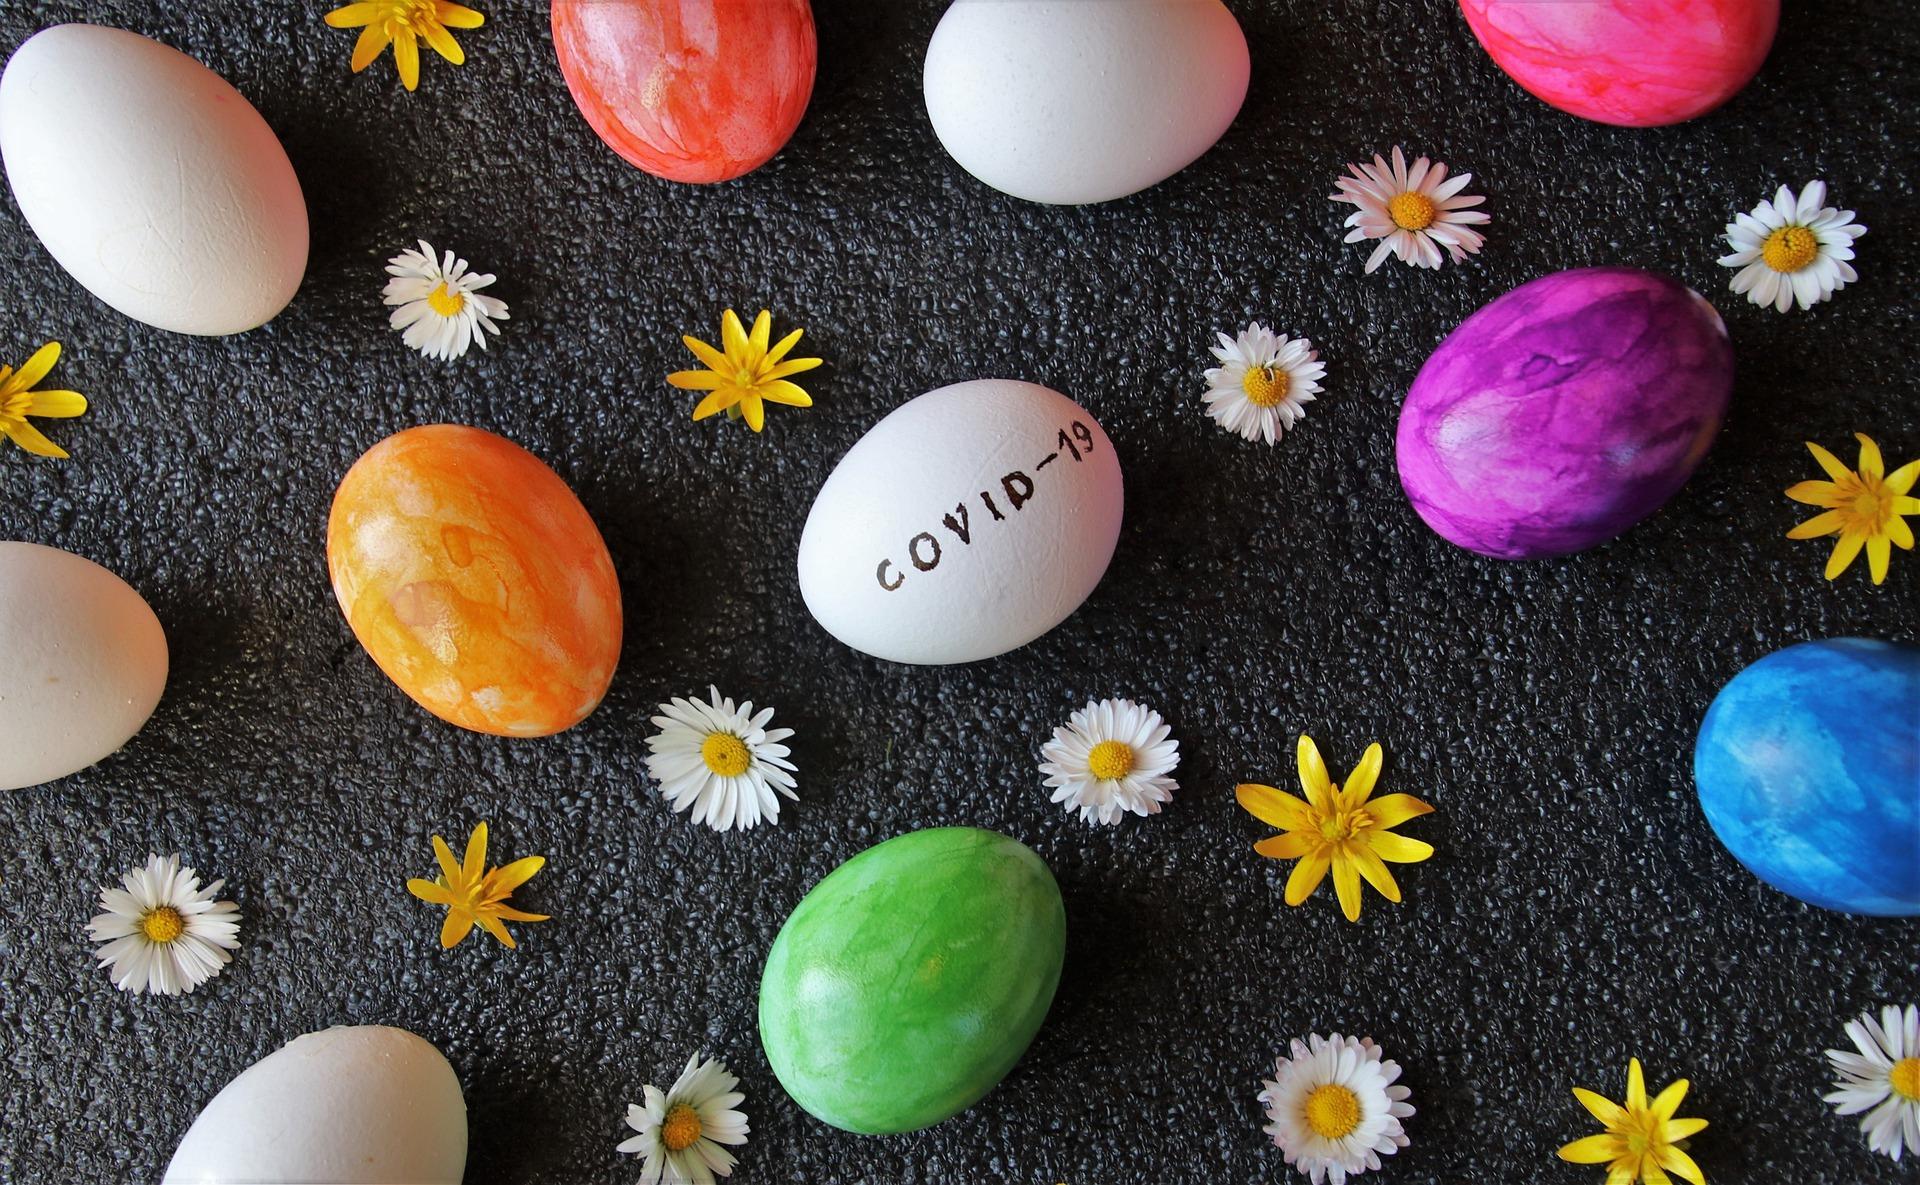 eggs-4991809_1920.jpg